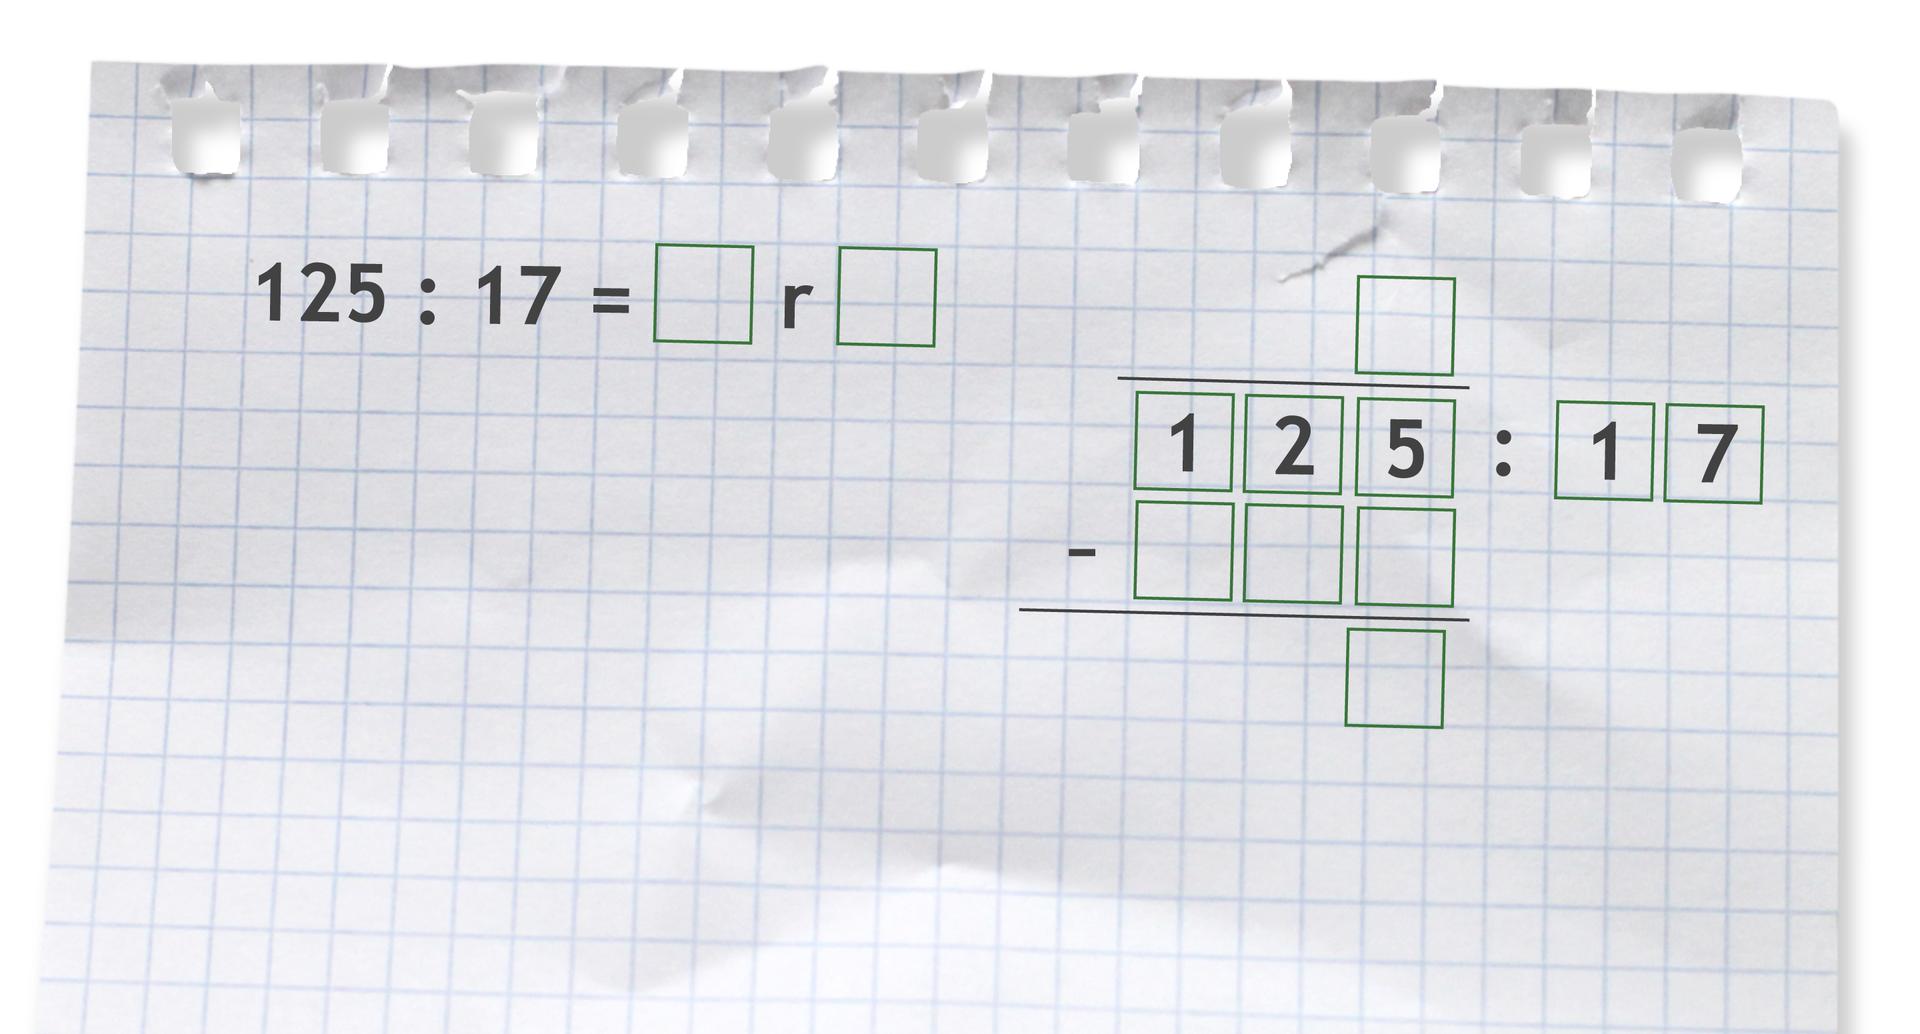 Miejsce do wykonania dzielenia zresztą: 125 dzielone przez 17.